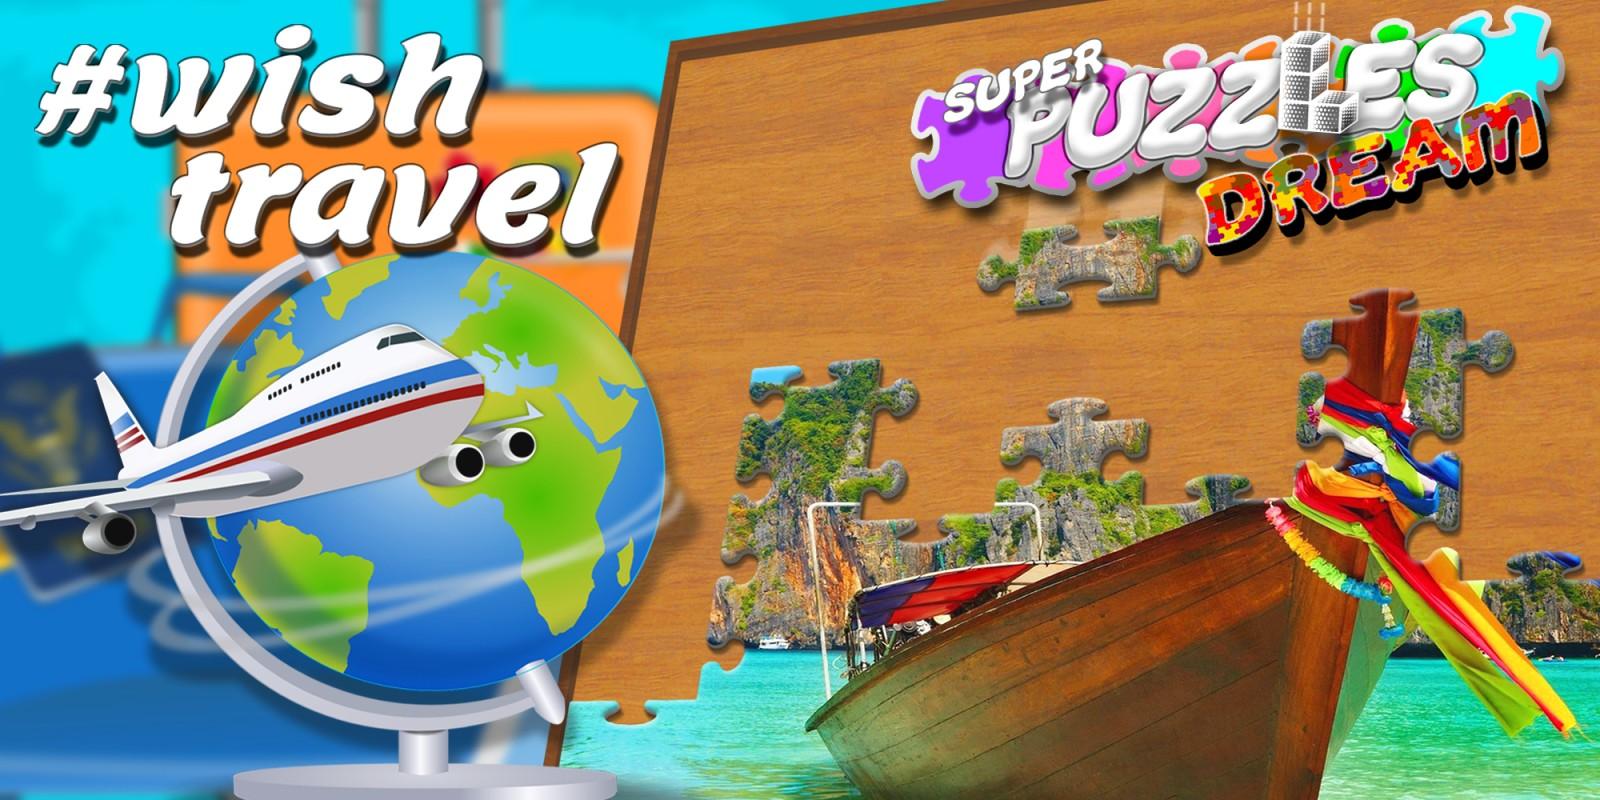 #Wish travel, Super Puzzles Dream